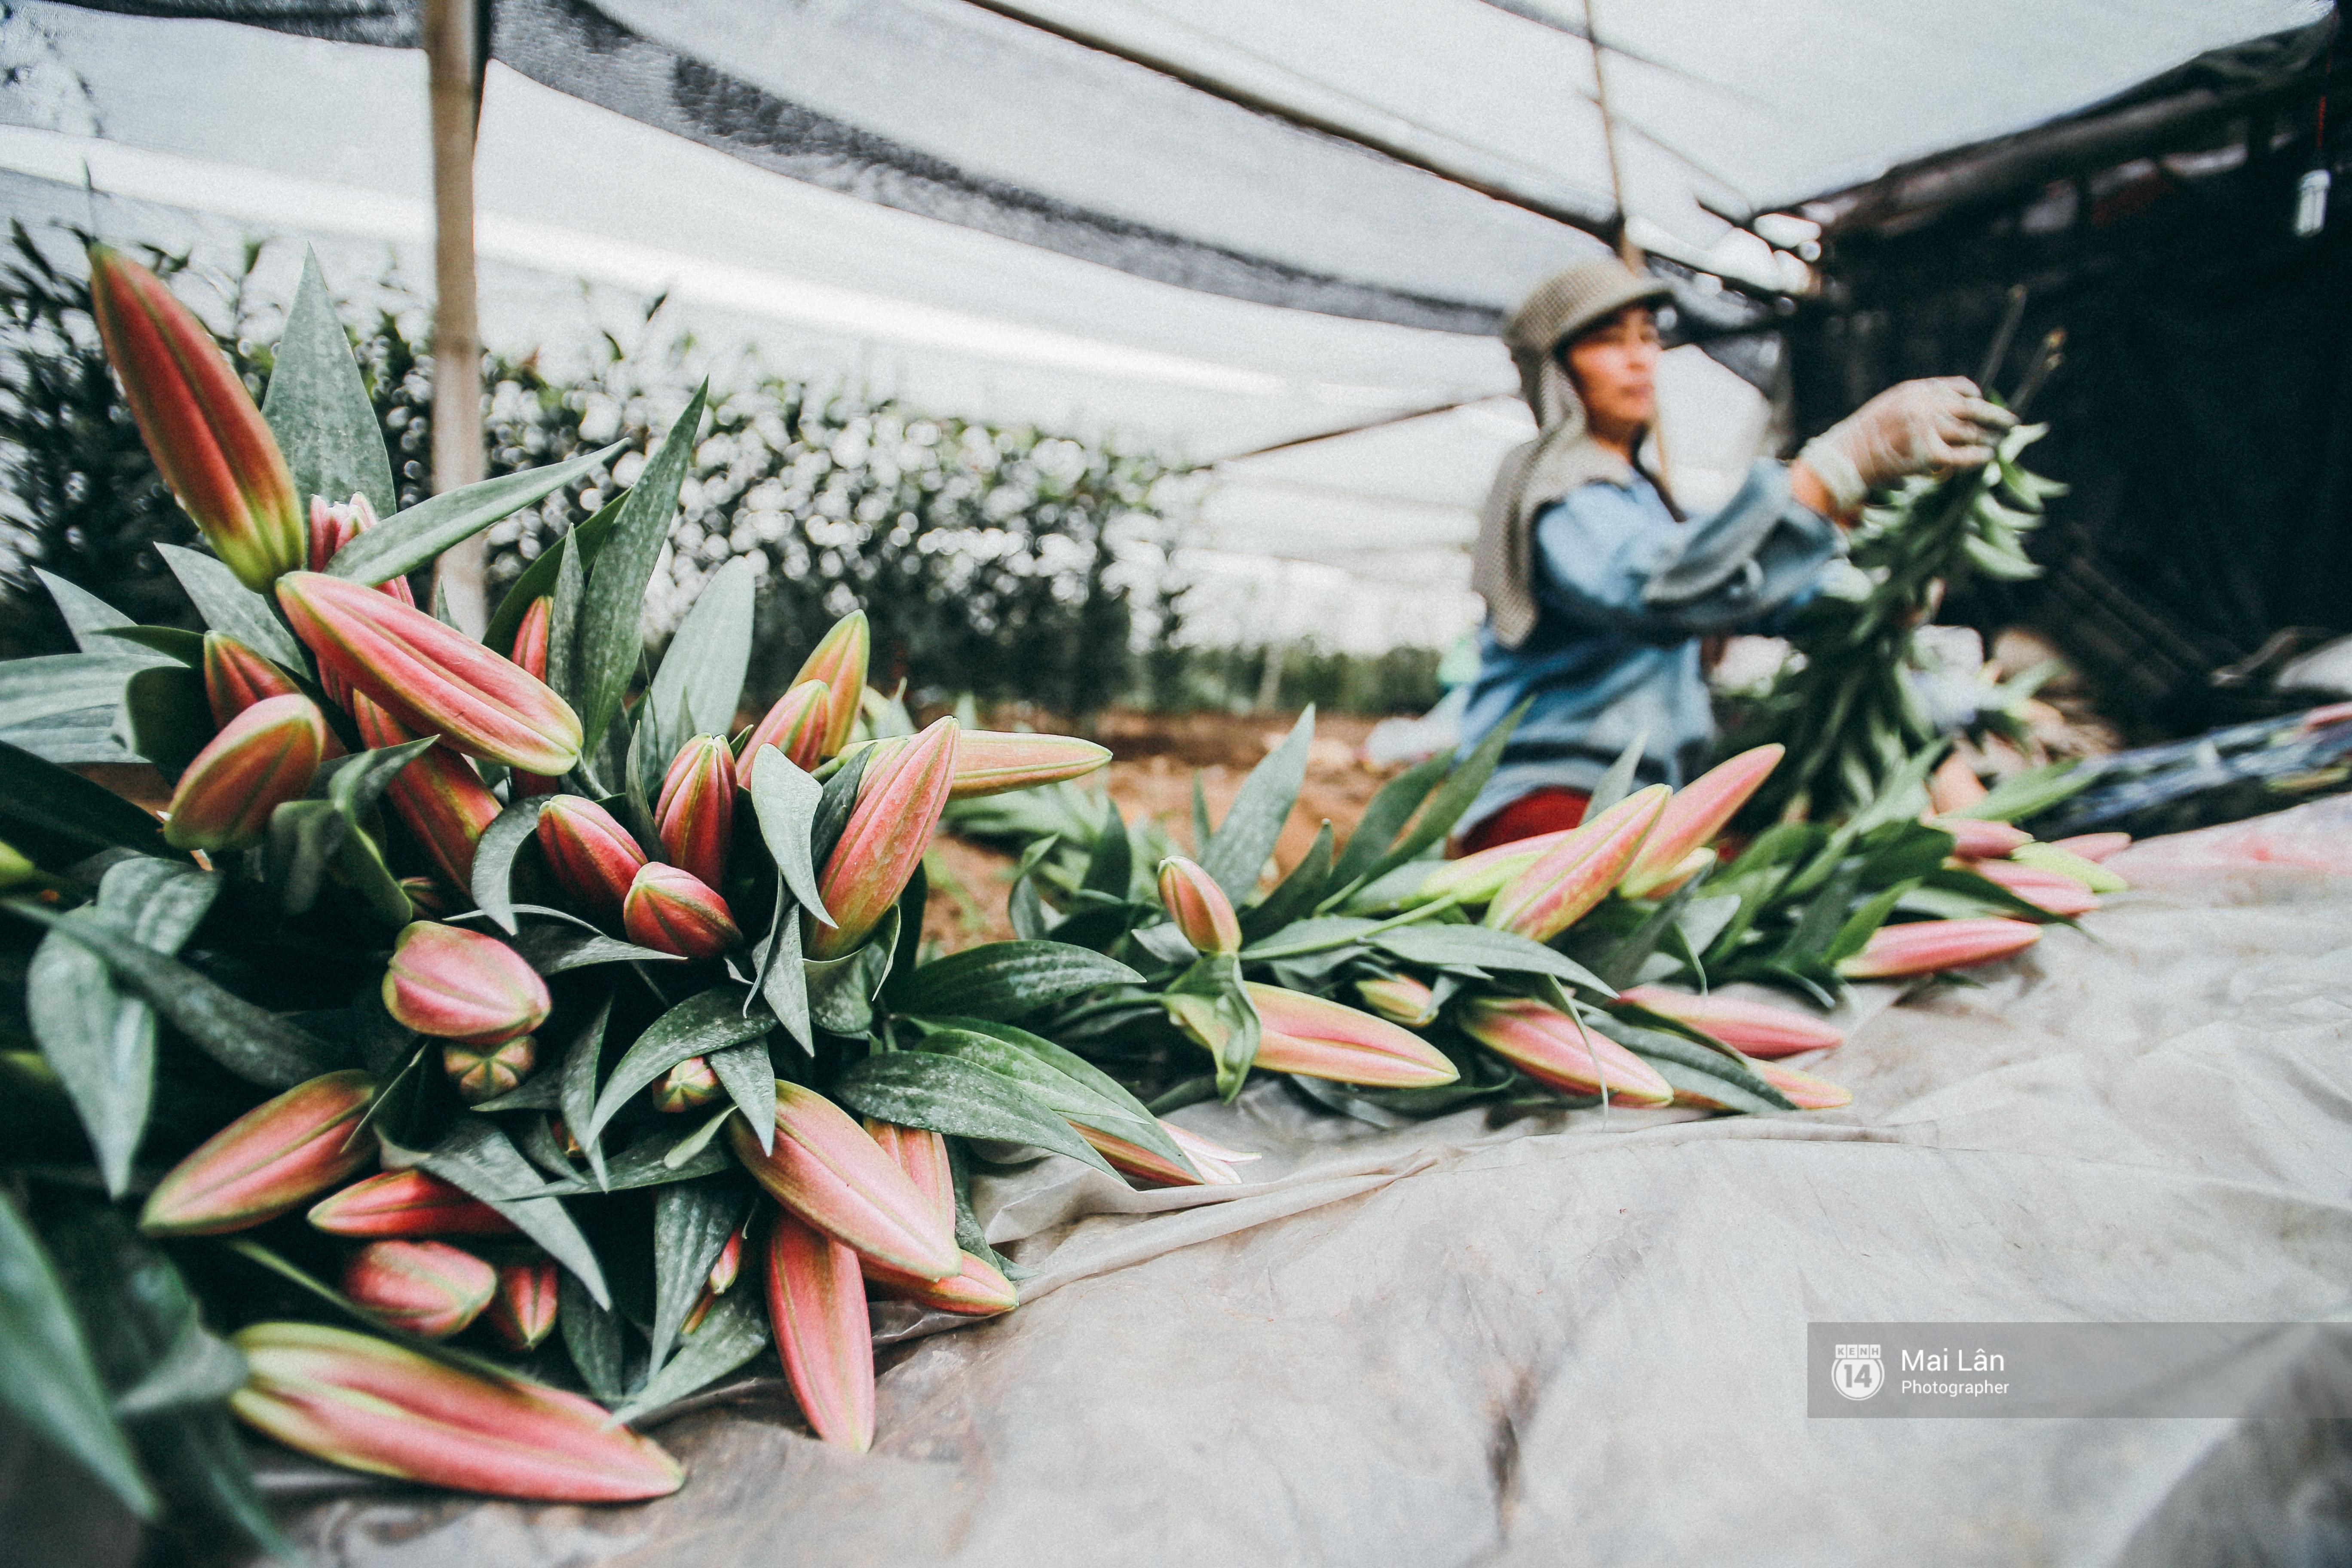 Mùa đông quá ngắn, bạn buồn vì không được mặc đồ lạnh, còn với các làng hoa ở Hà Nội - họ mất Tết! - Ảnh 4.